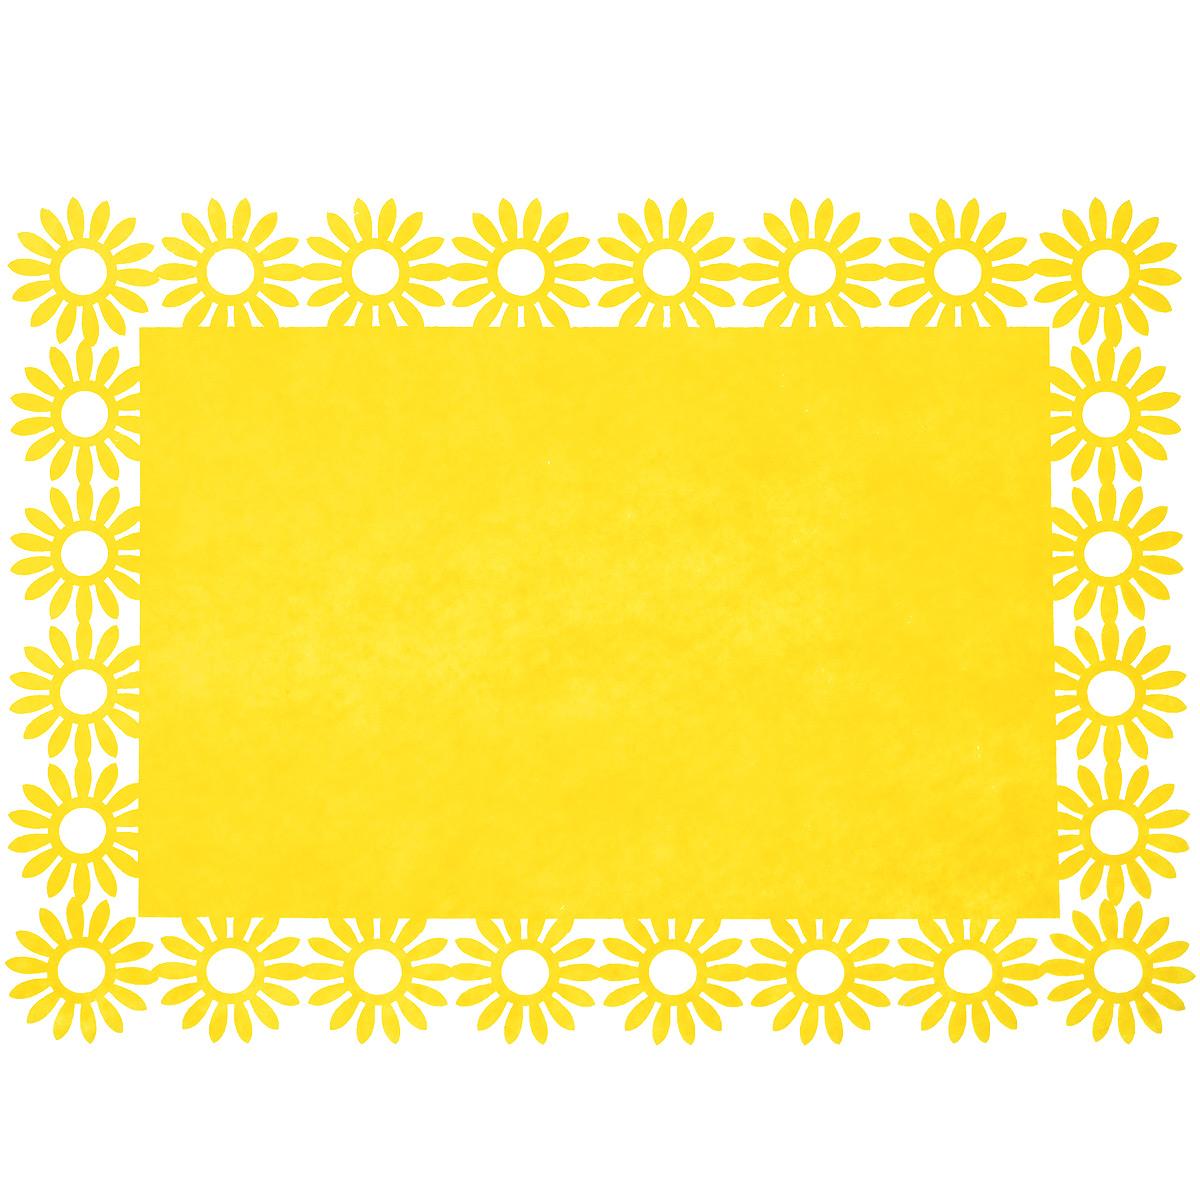 Салфетка Home Queen Веселый праздник, цвет: желтый, 30 х 40 х 0,2 см66843_3Прямоугольная салфетка Home Queen Веселый праздник выполнена из фетра и имеет красивую перфорацию по краям.Вы можете использовать салфетку для декорирования стола, комода, журнального столика. В любом случае она добавит в ваш дом стиля, изысканности и неповторимости и убережет мебель от царапин и потертостей. Размер салфетки: 30 см х 40 см х 0,2 см.